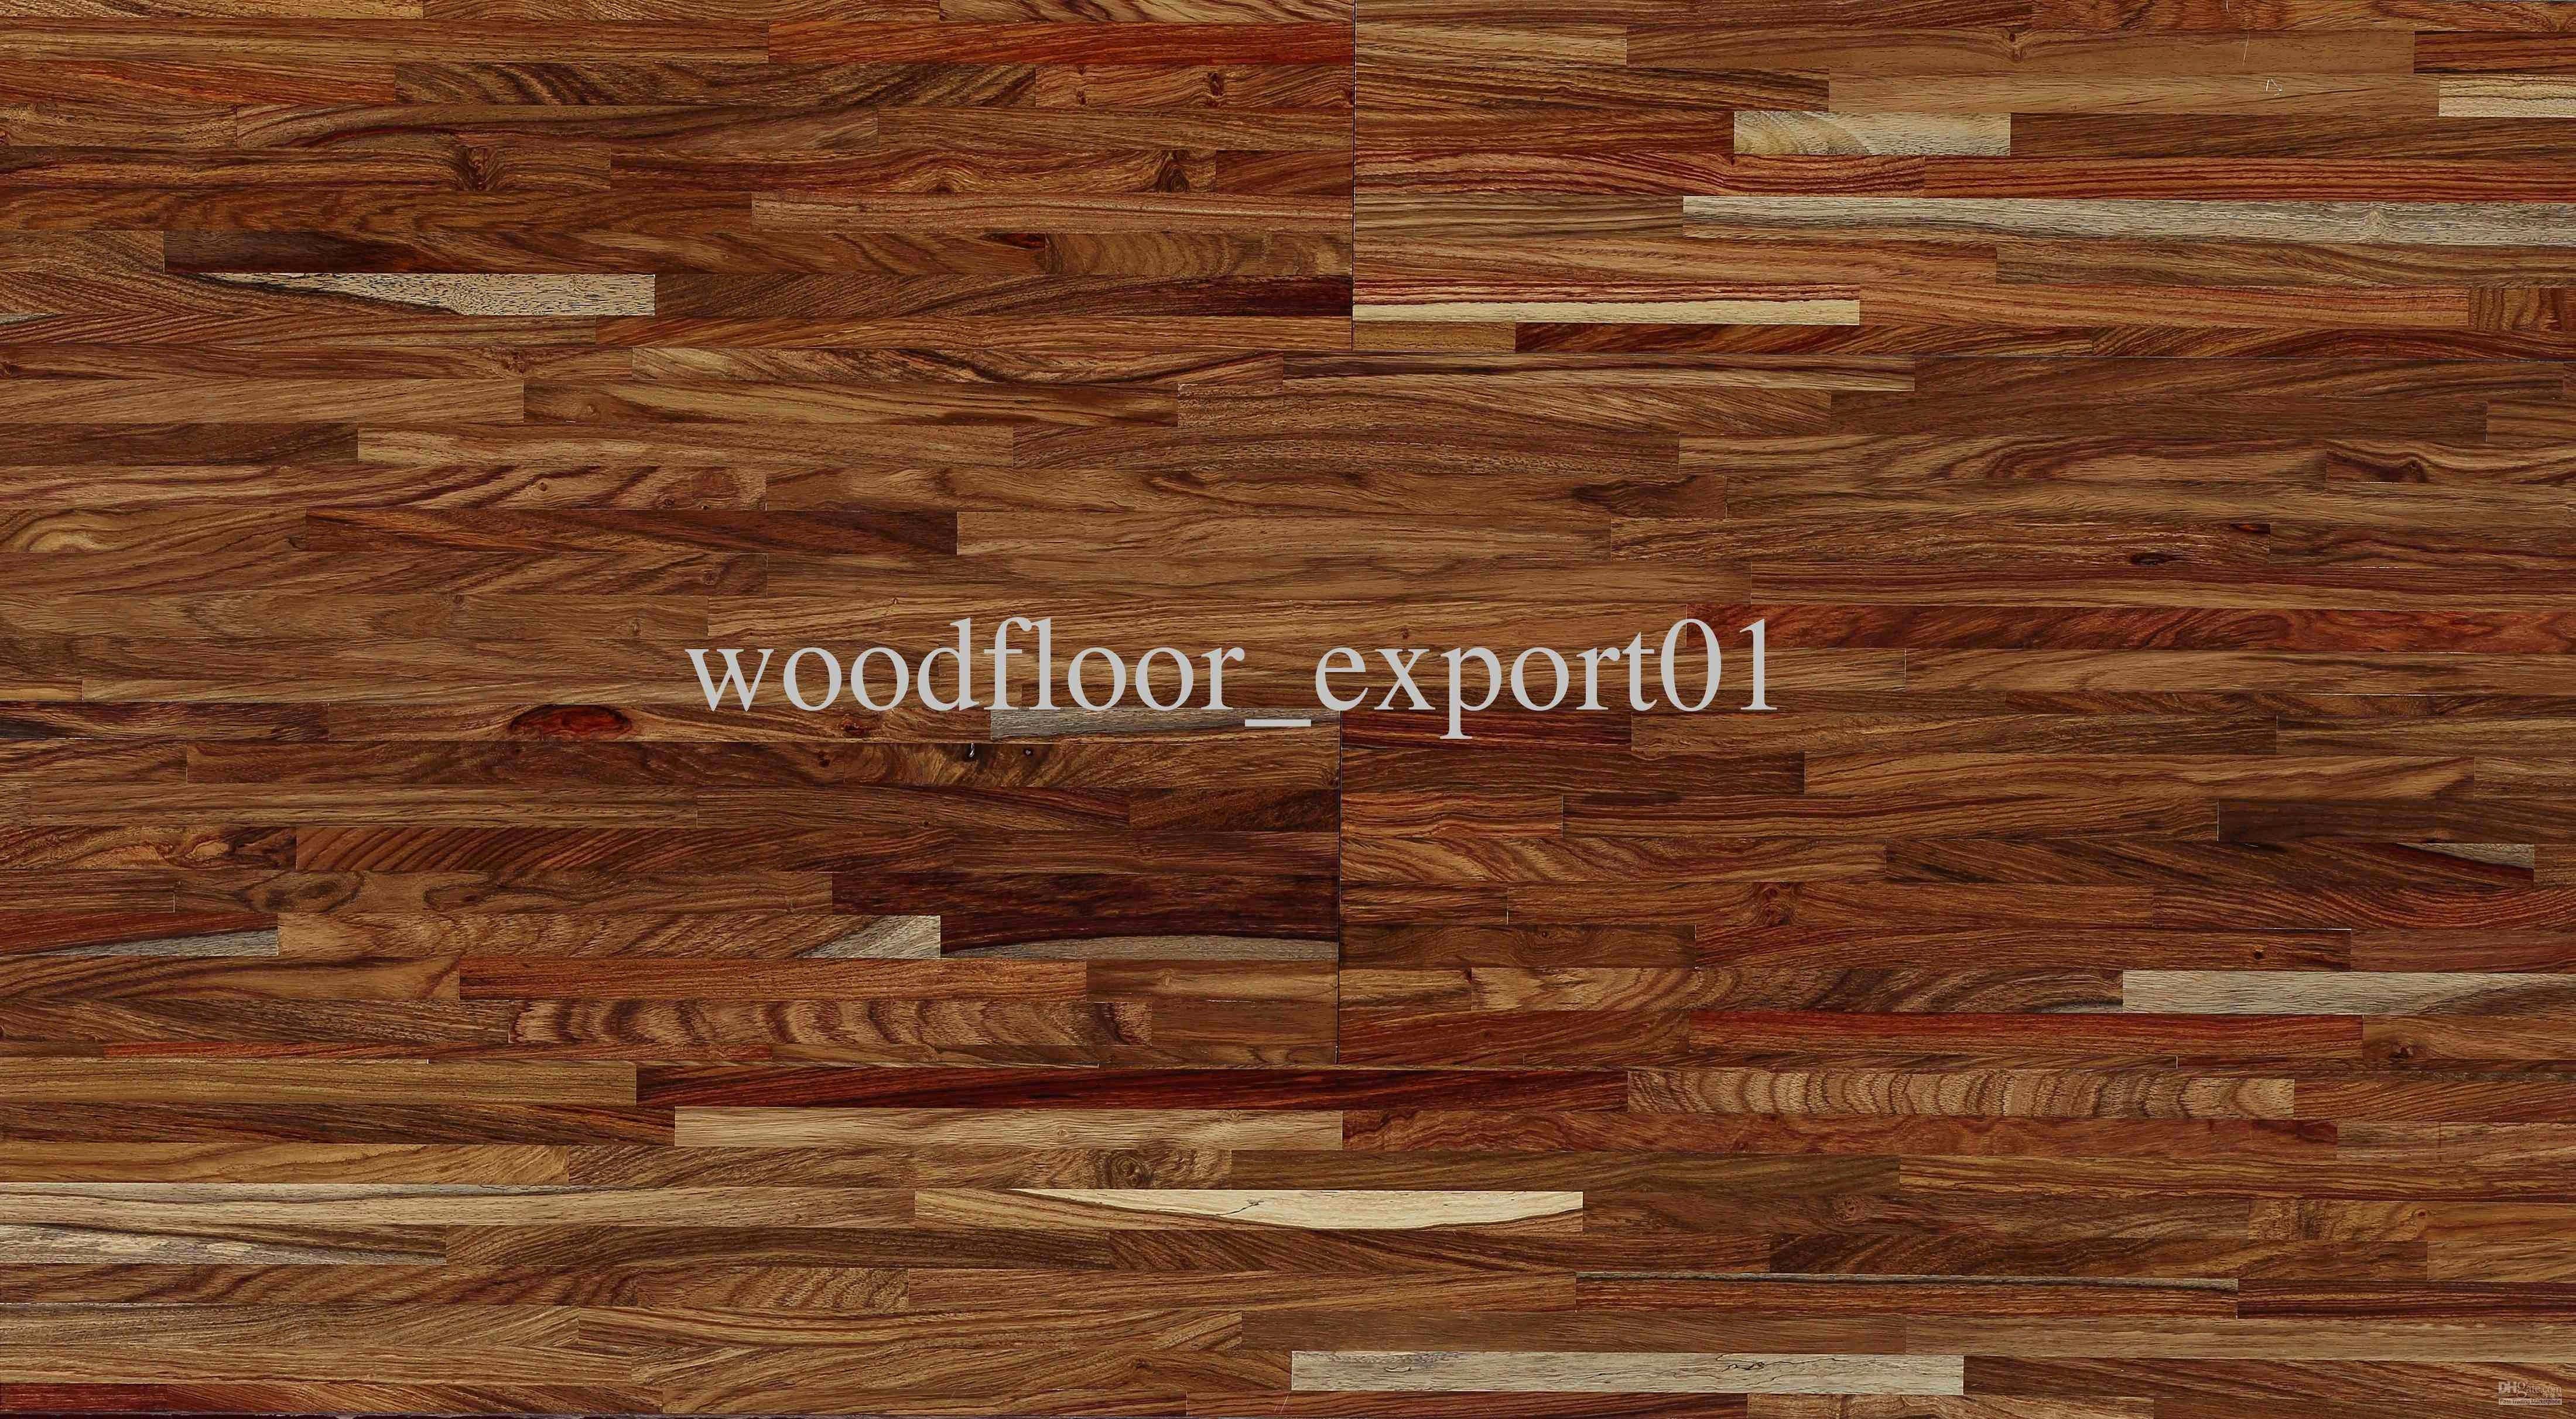 how to refinish hardwood floors easy of 19 luxury hardwood refinishing stock dizpos com within hardwood refinishing awesome 50 new restaining hardwood floors 50 s photos of 19 luxury hardwood refinishing